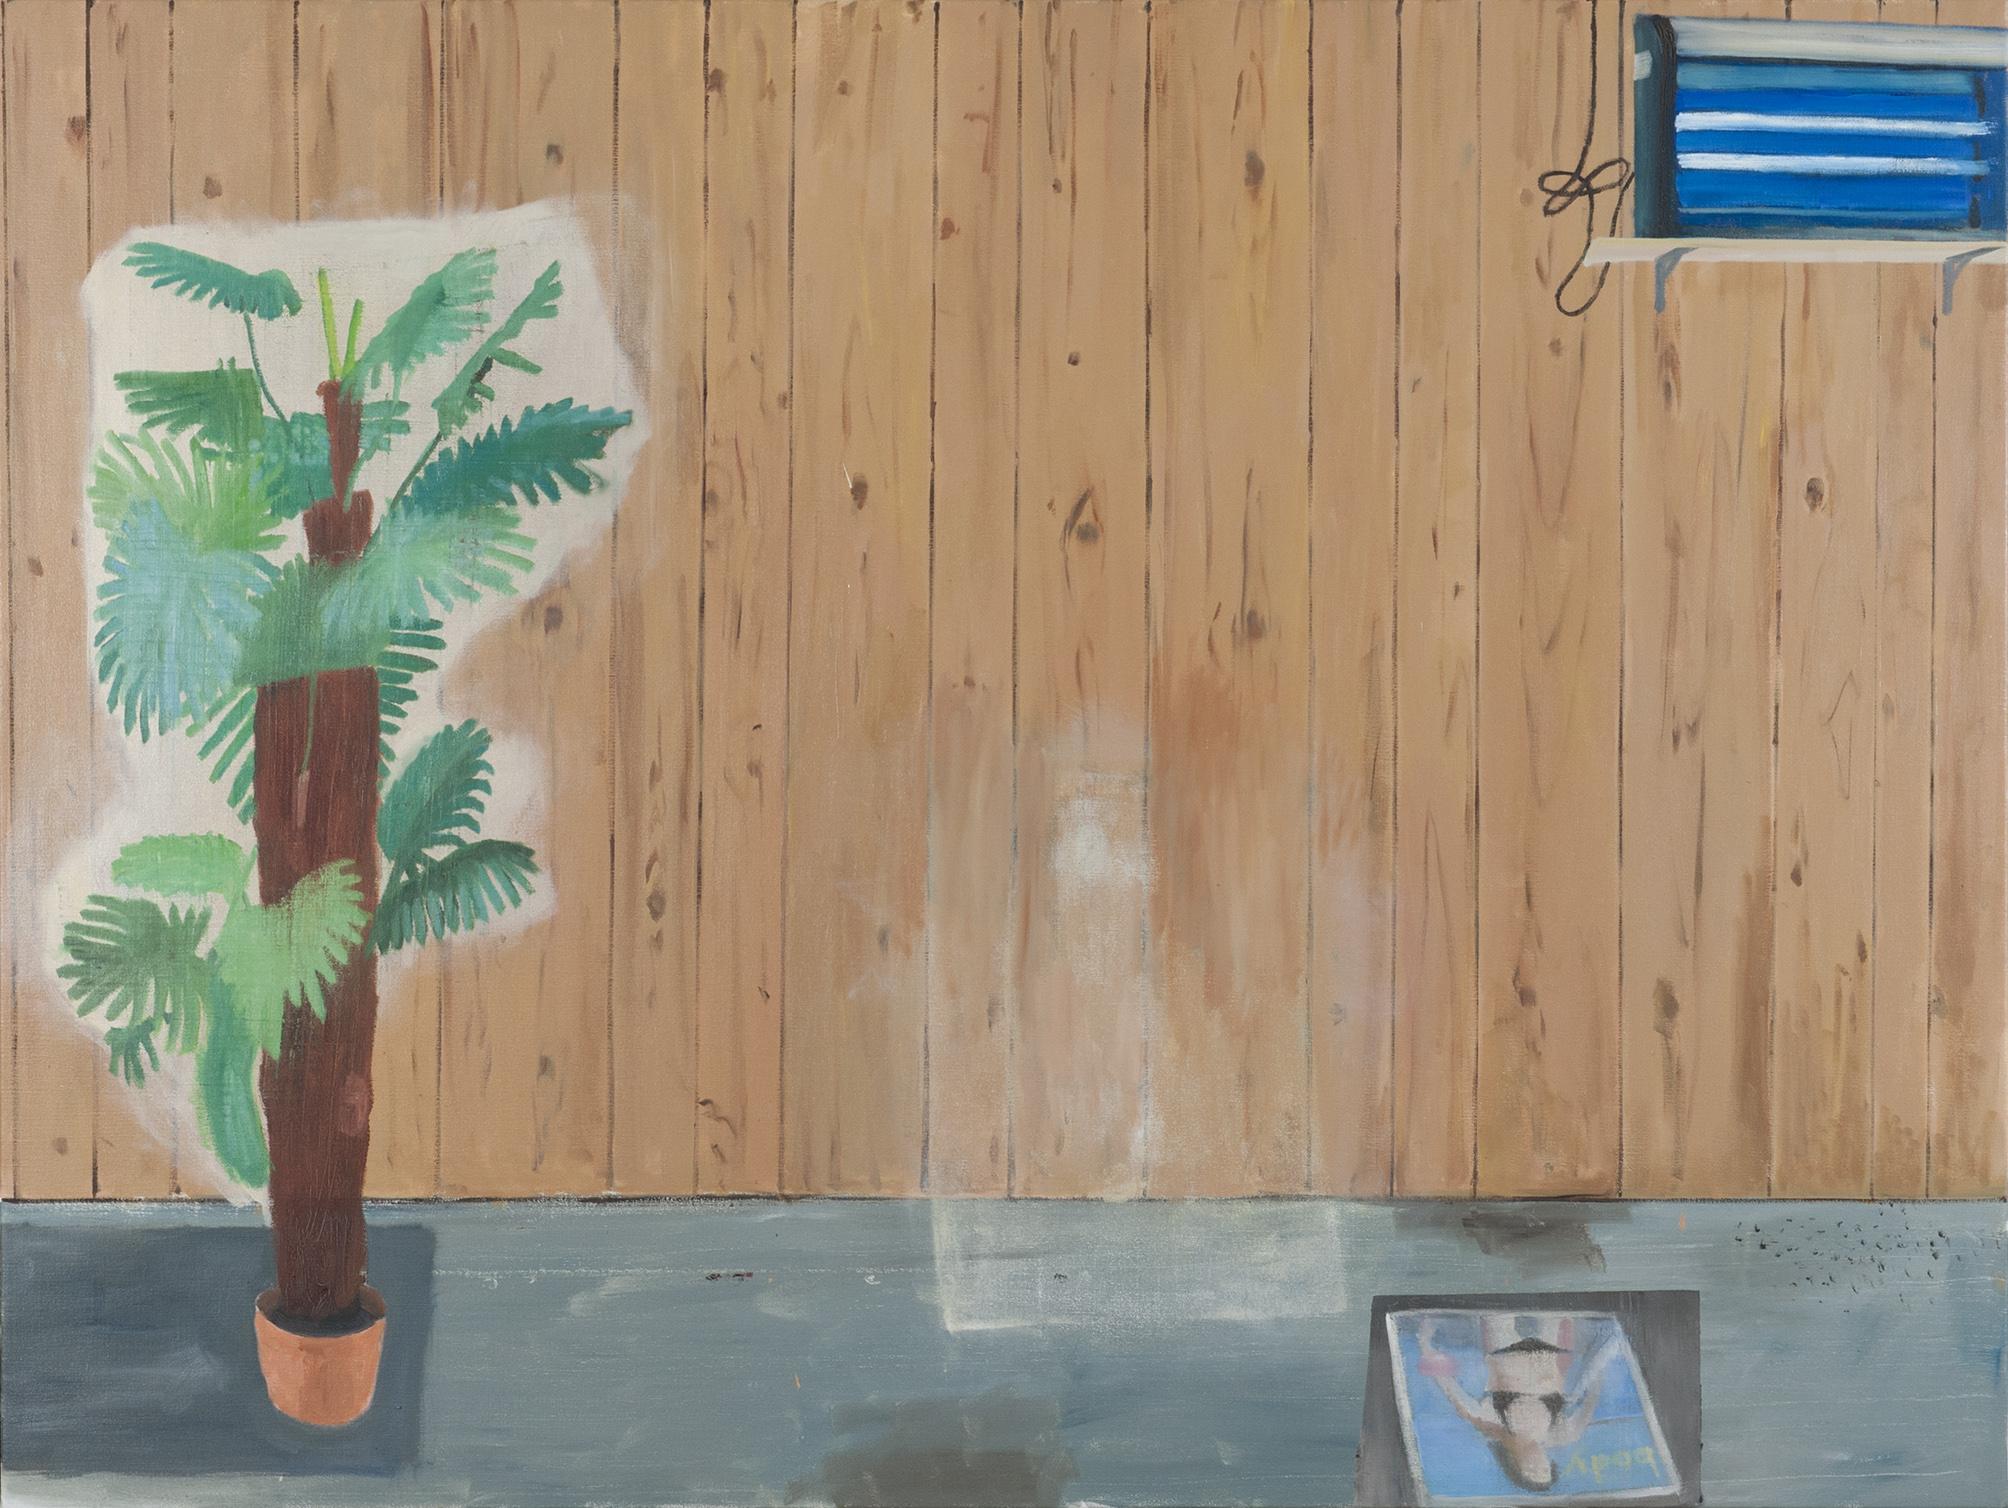 NICK COLLERSON  Veneer Room , 2016 oil on linen 137 x 183 cm